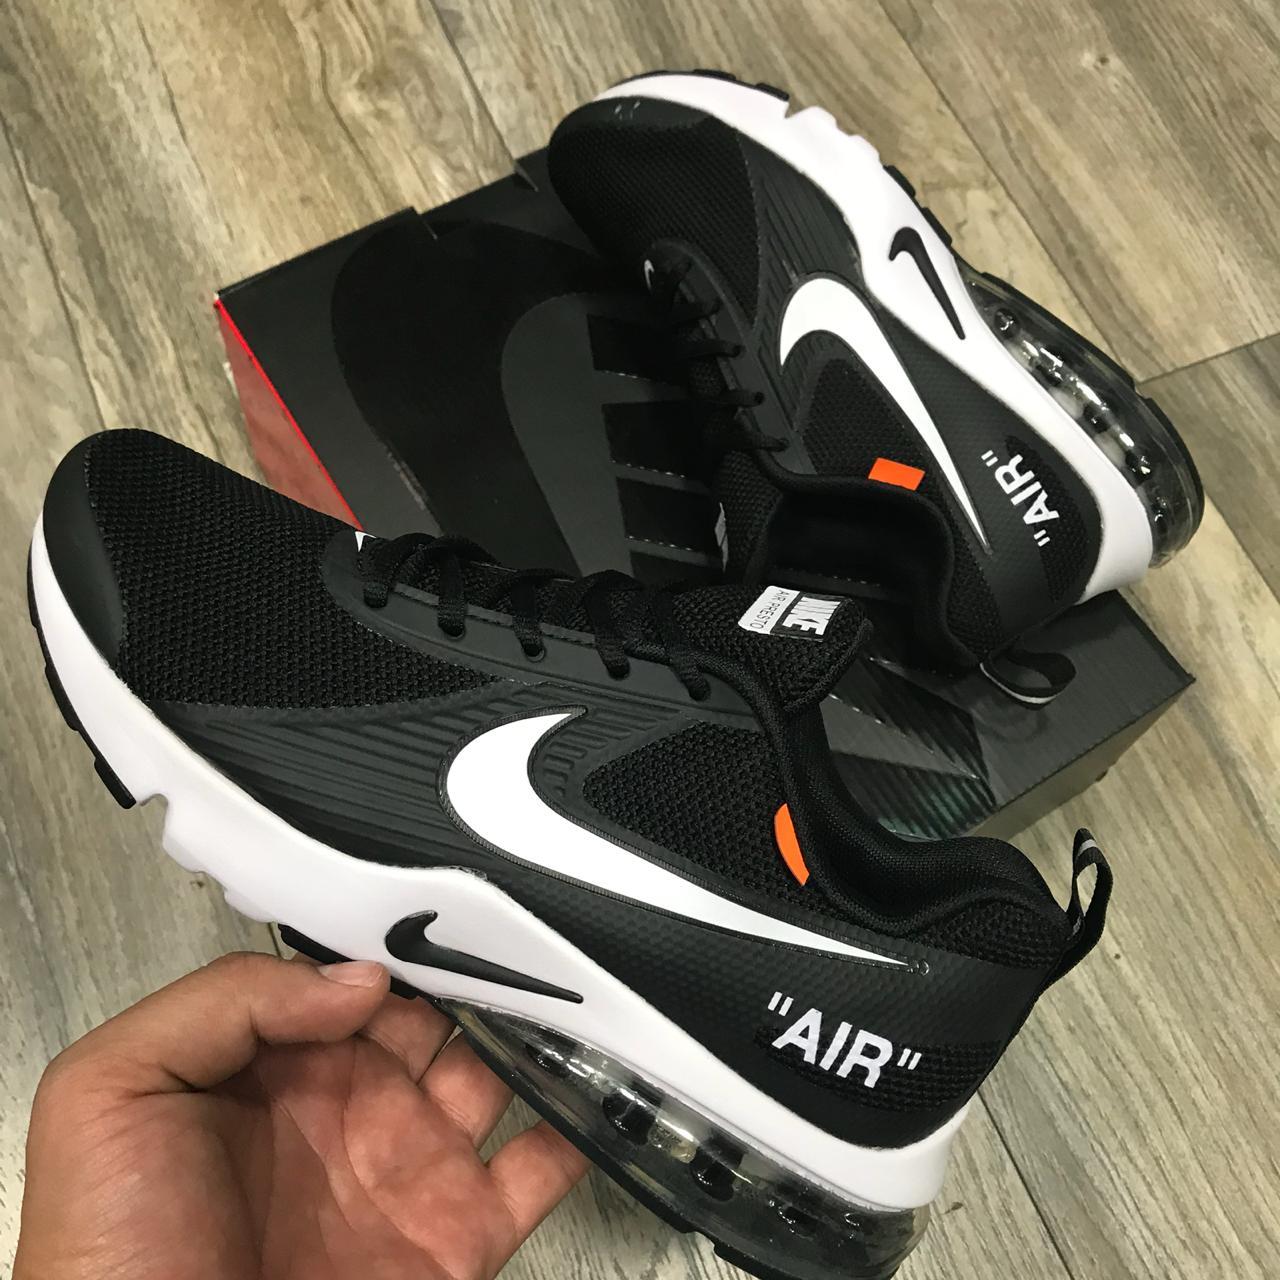 Zapatillas Nike presto air max Importadas